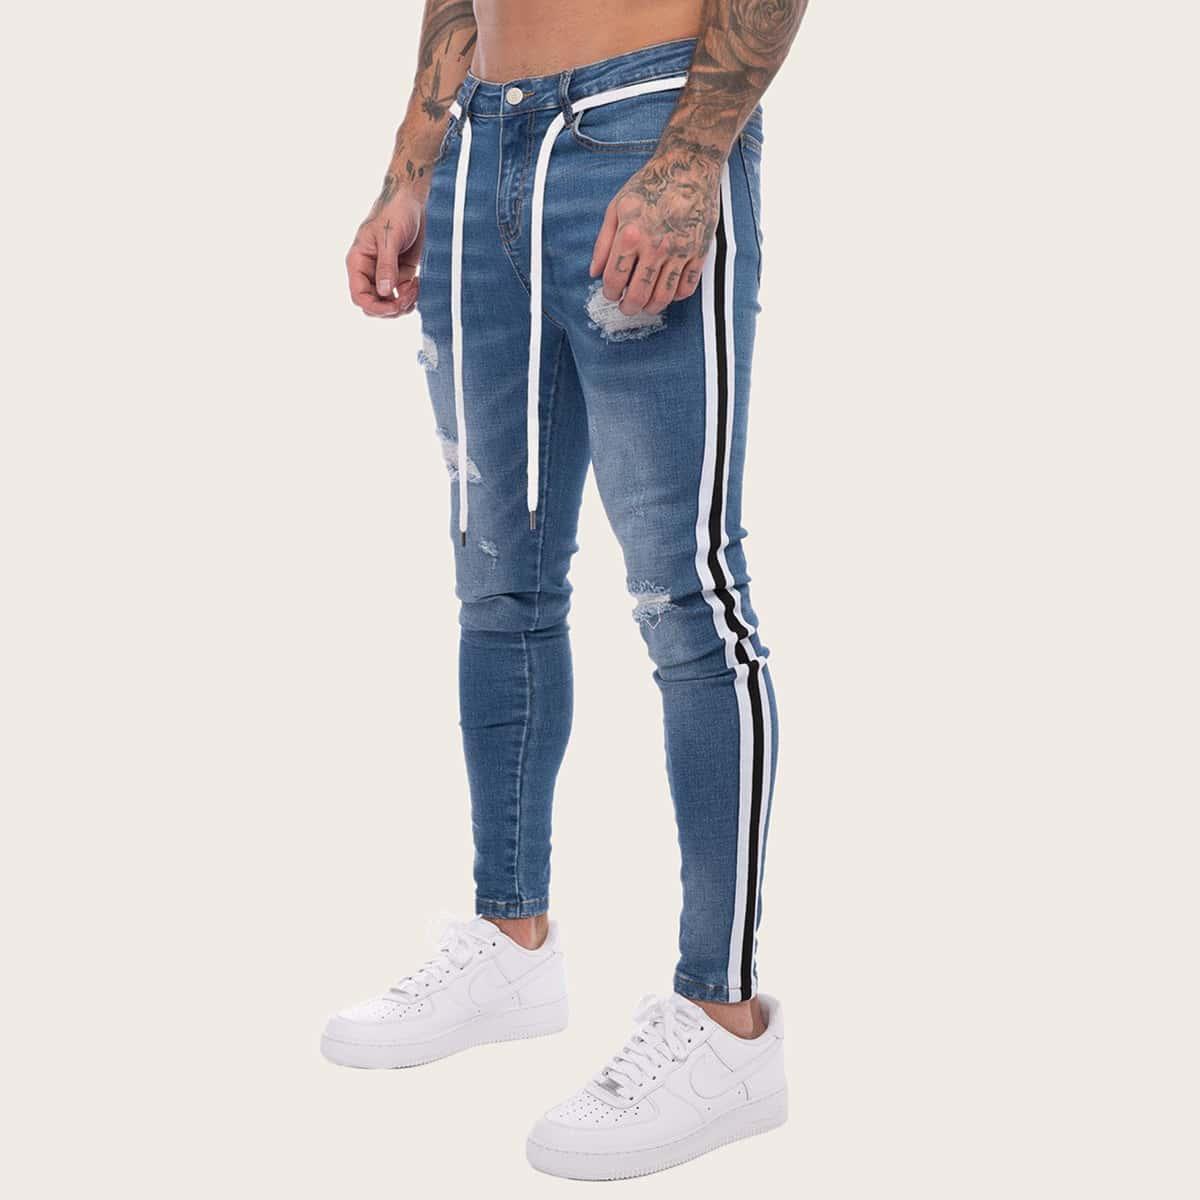 Blauw Casual Gestreept Heren Jeans Riem